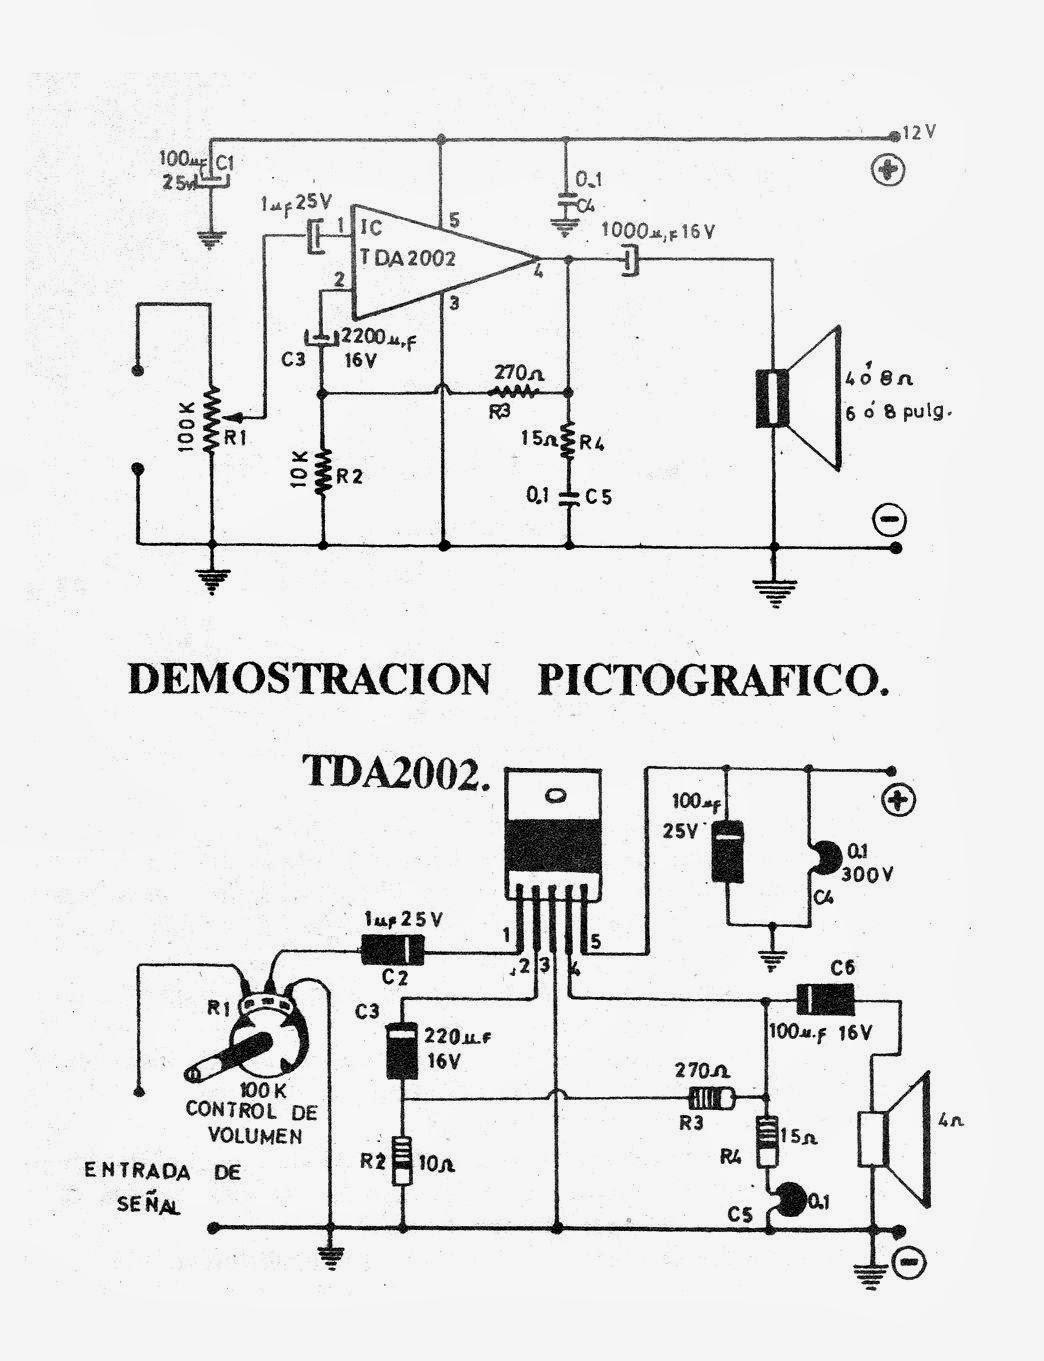 Circuito Amplificador De Audio : Electronica diagramas circuitos circuito amplificador wats